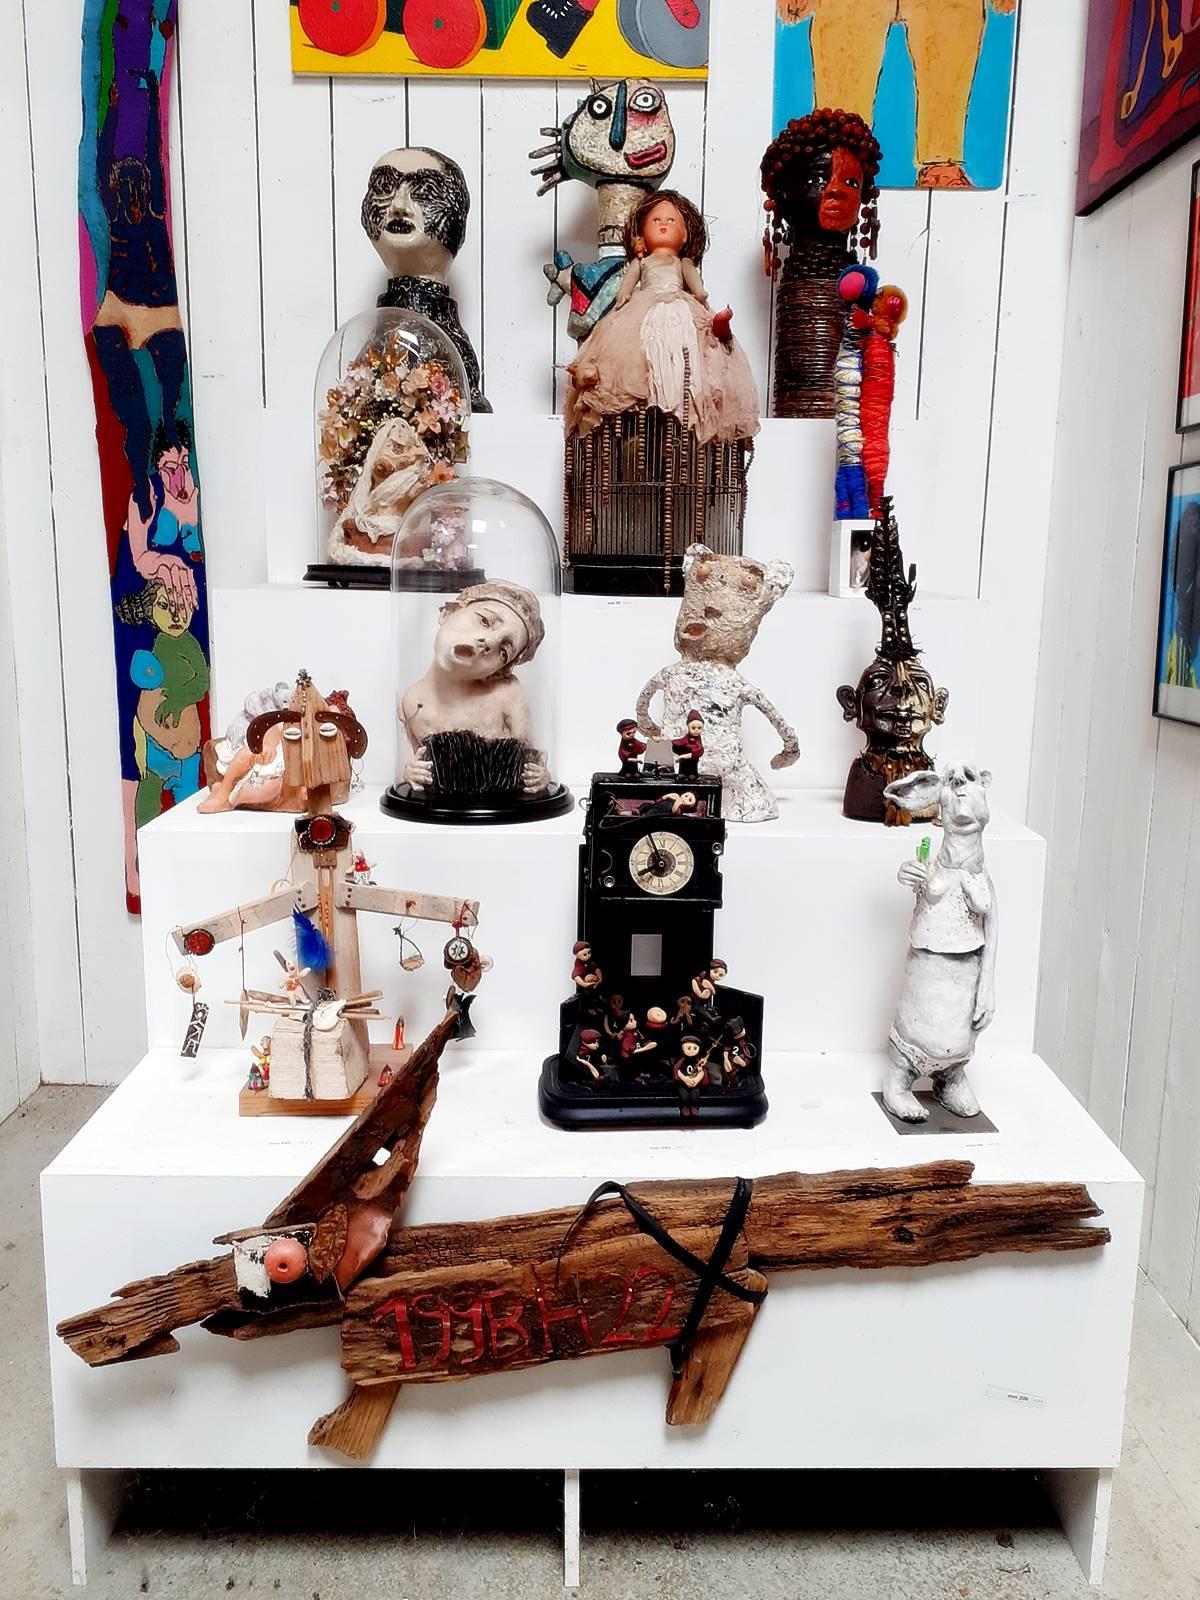 Hang art saffre loire atlantique musee20200613 131941